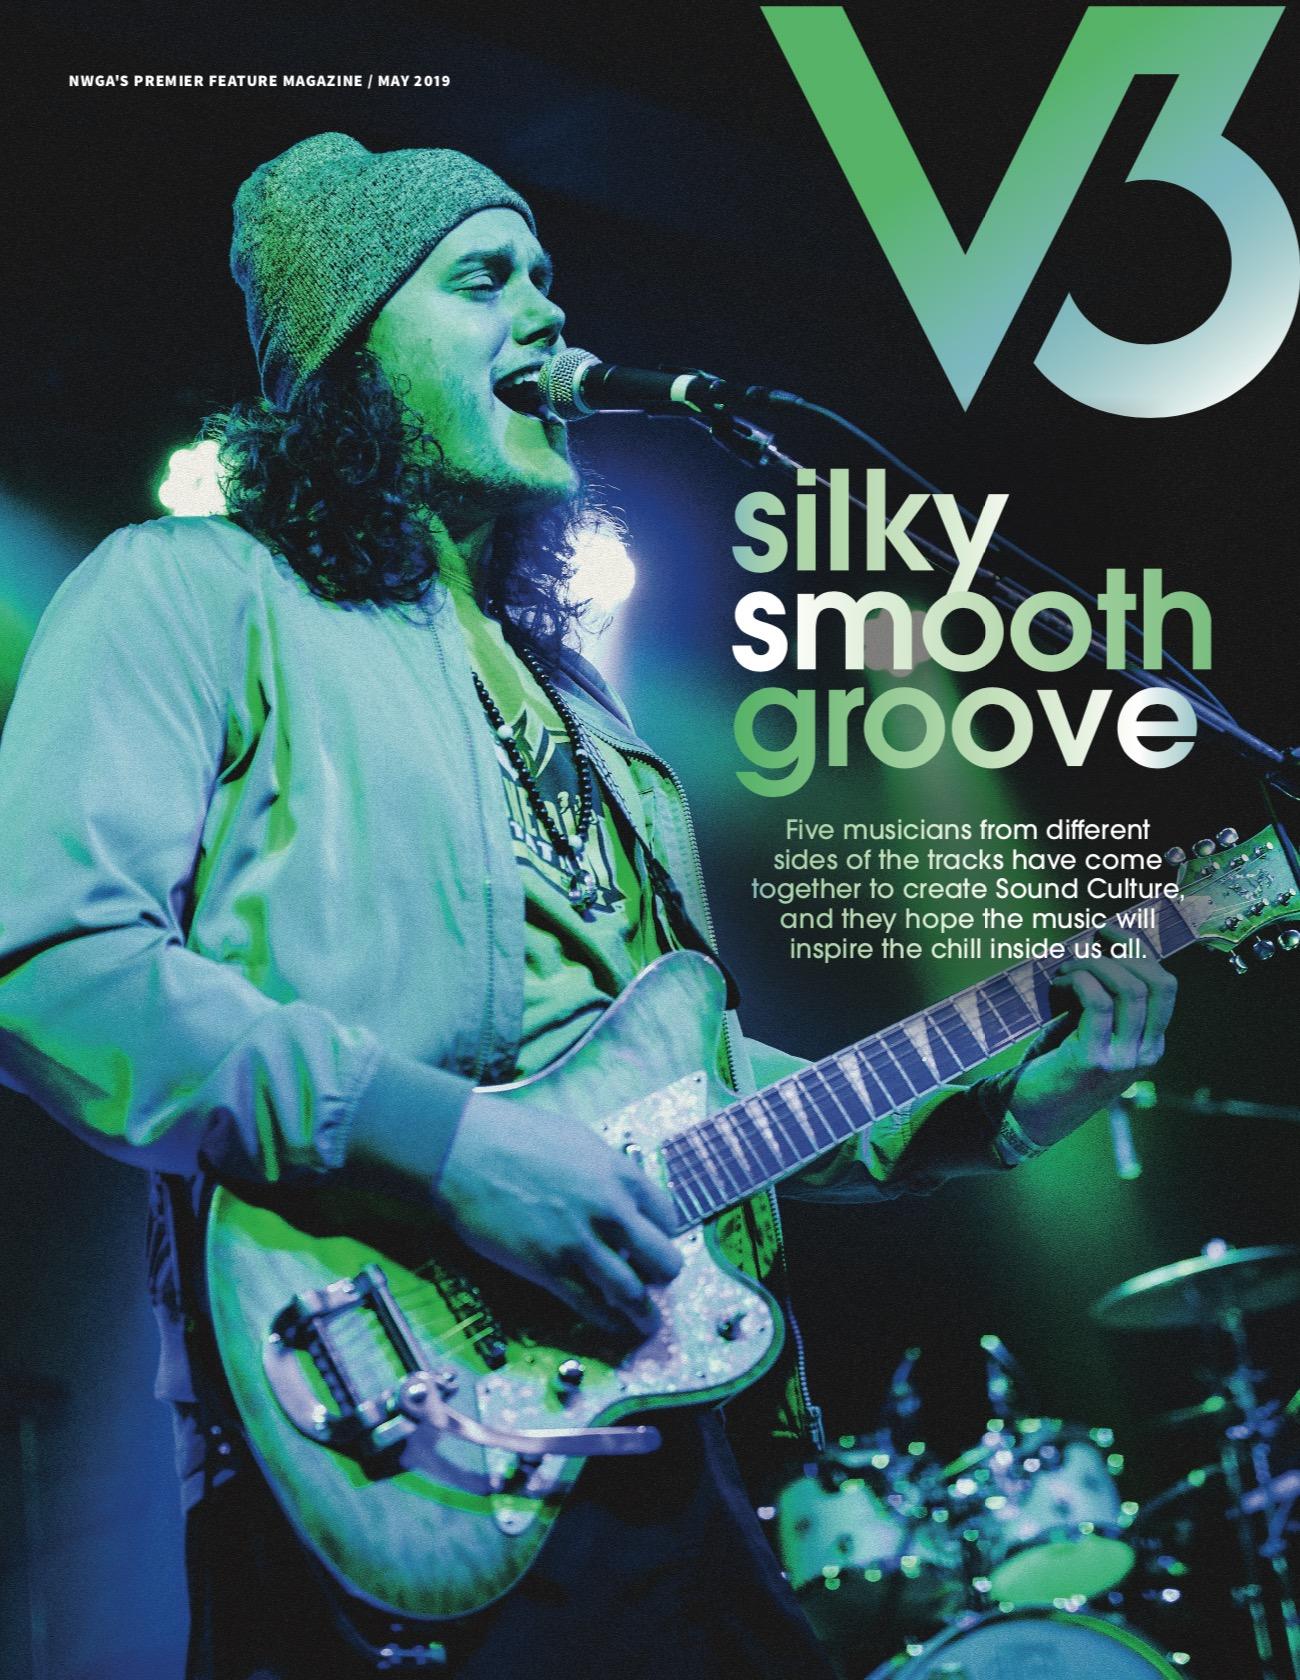 Sound Culture recently made the cover of Atlanta's V3 magazine!